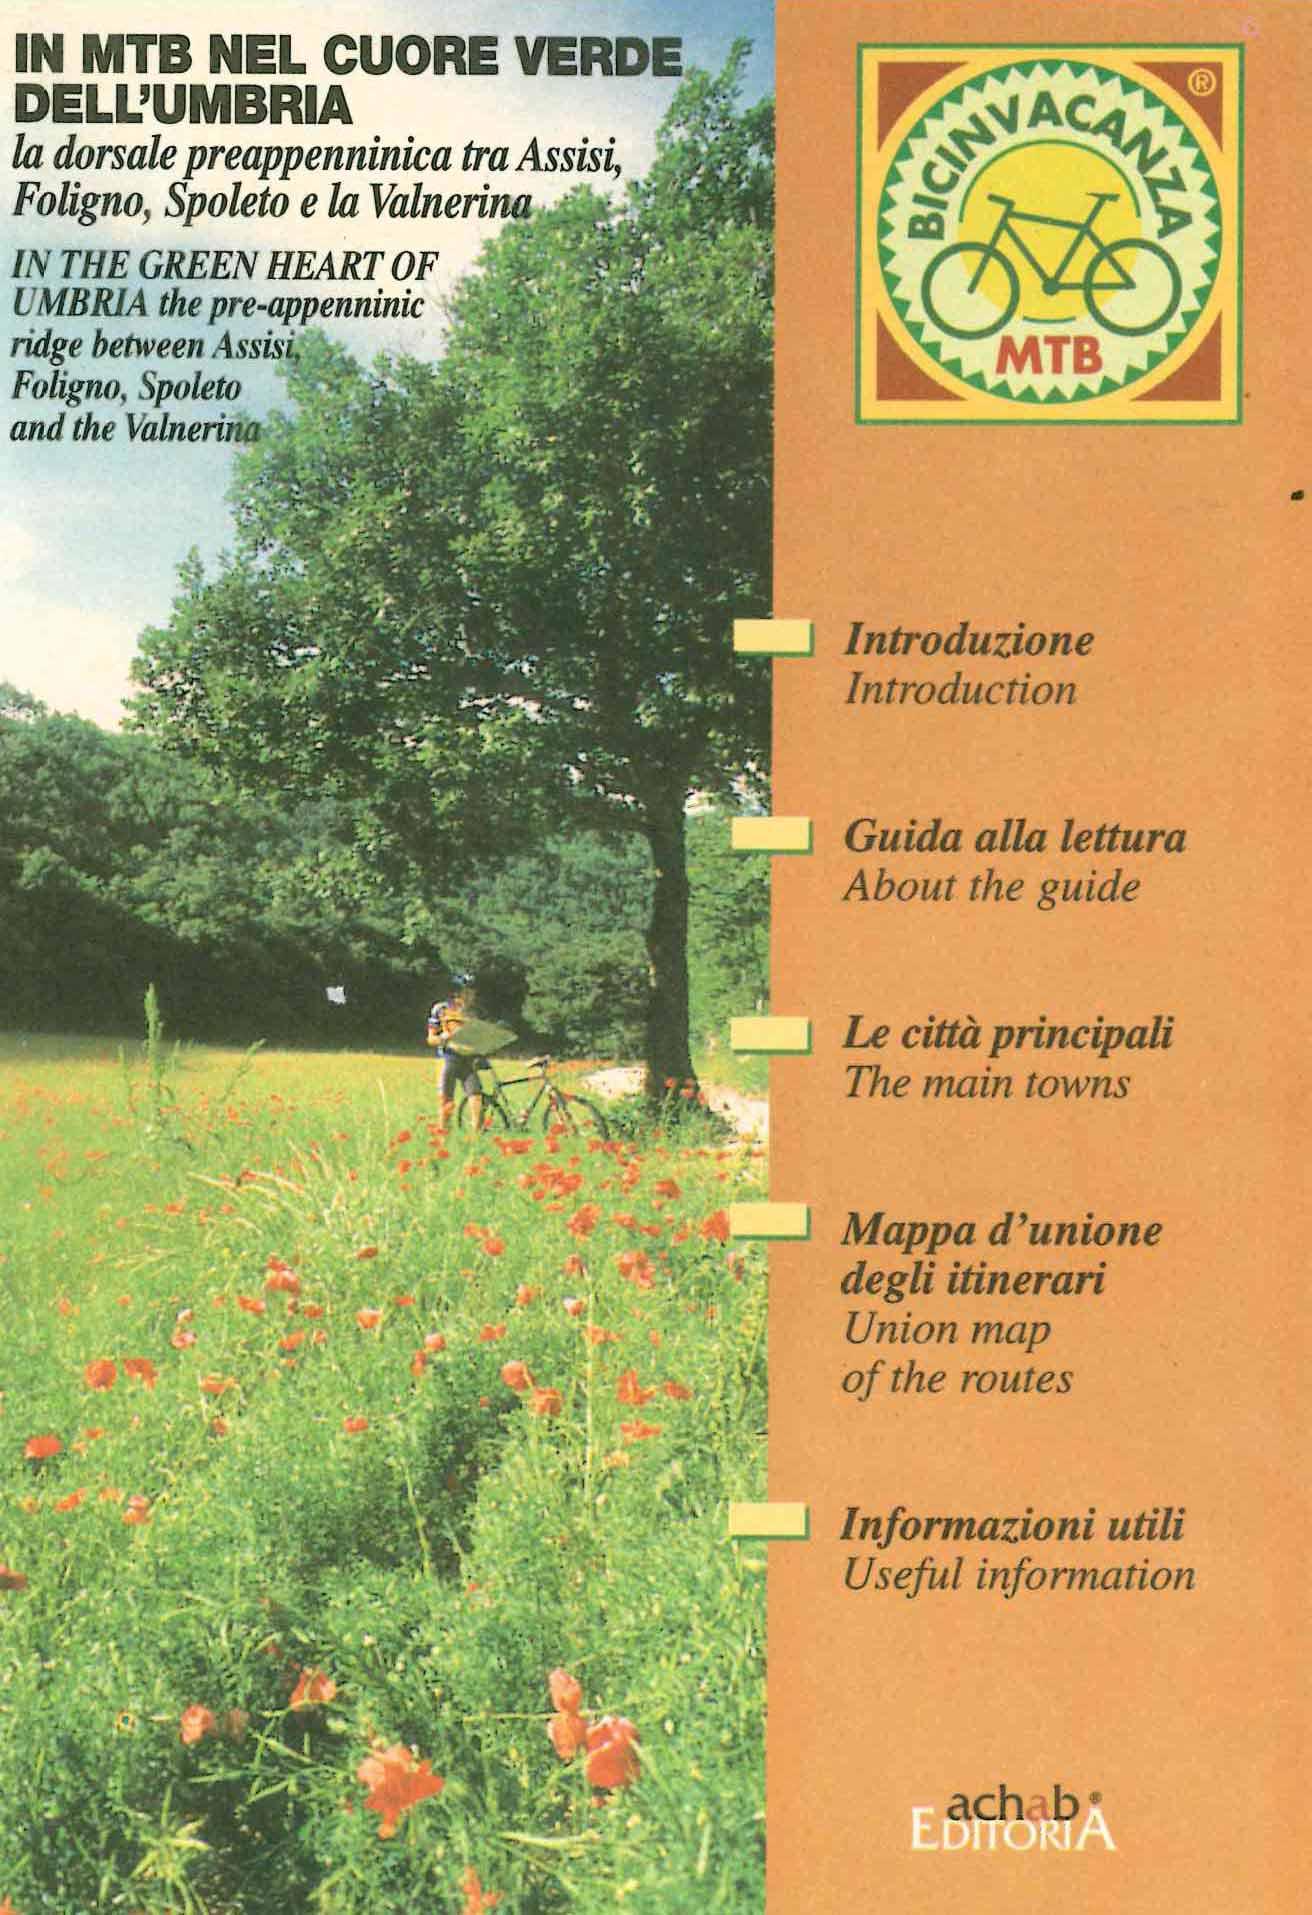 In MTB nel cuore verde dell'Umbria (copertina, front)